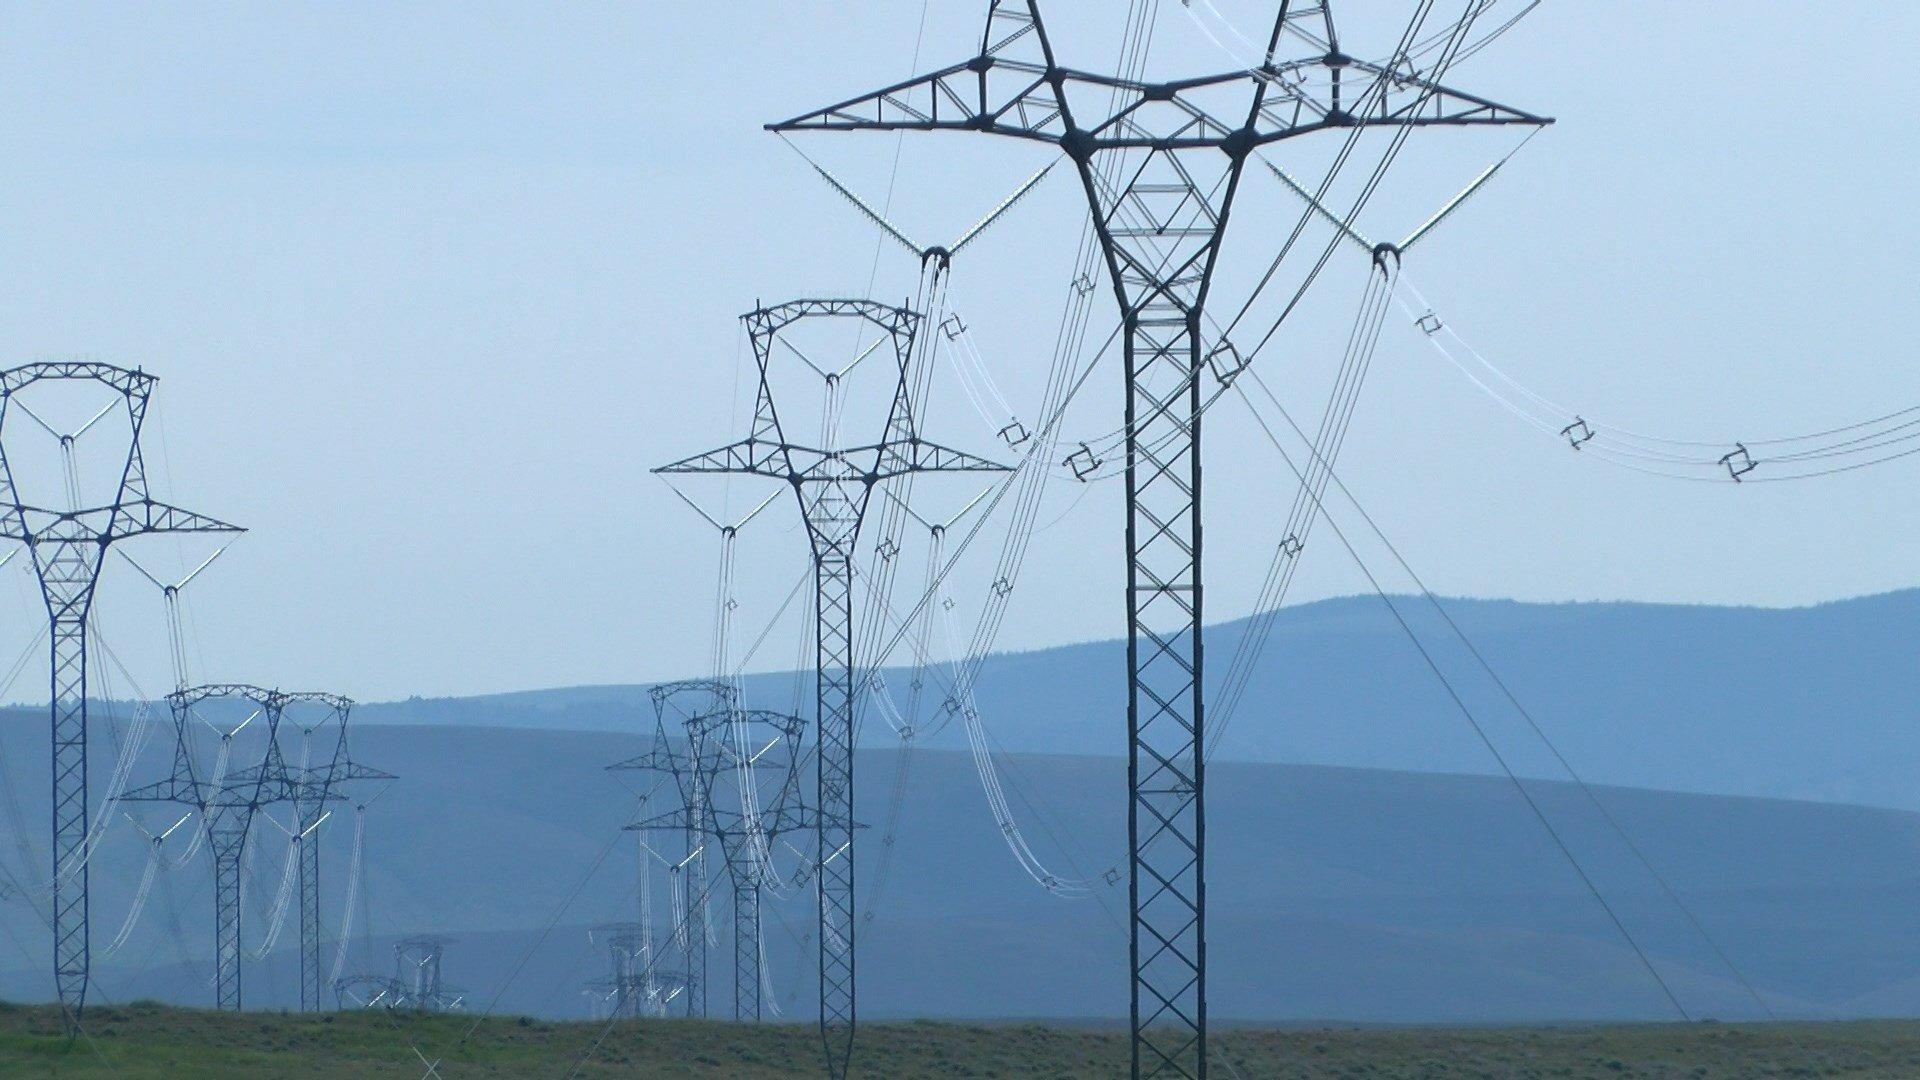 High-voltage transmission lines west of Martinsdale